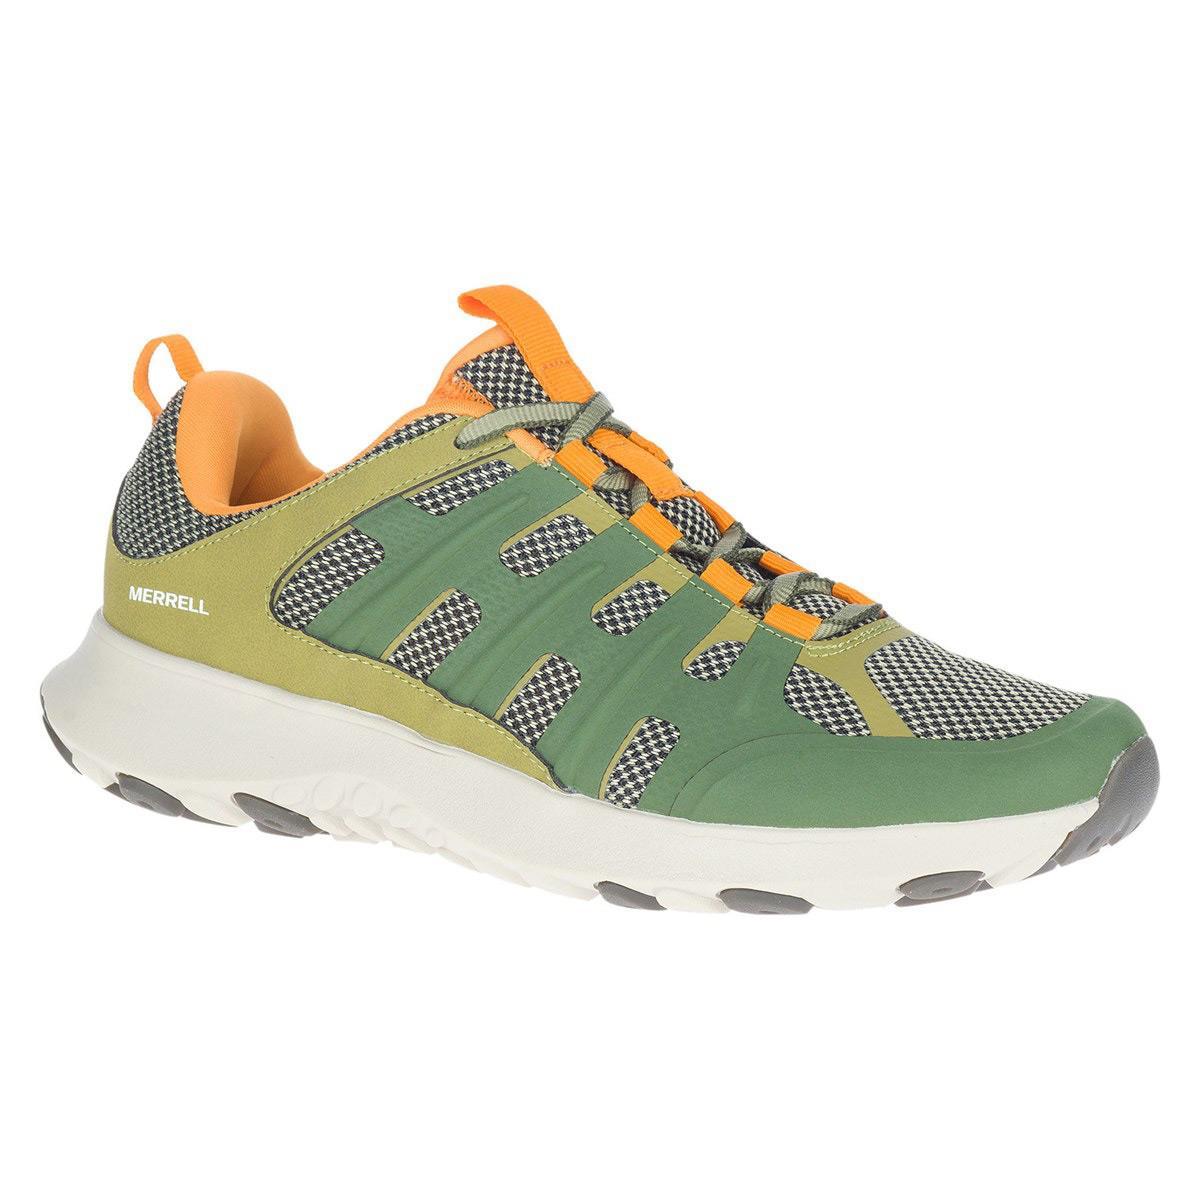 Merrell Moab Cruz Erkek Ayakkabısı J002873